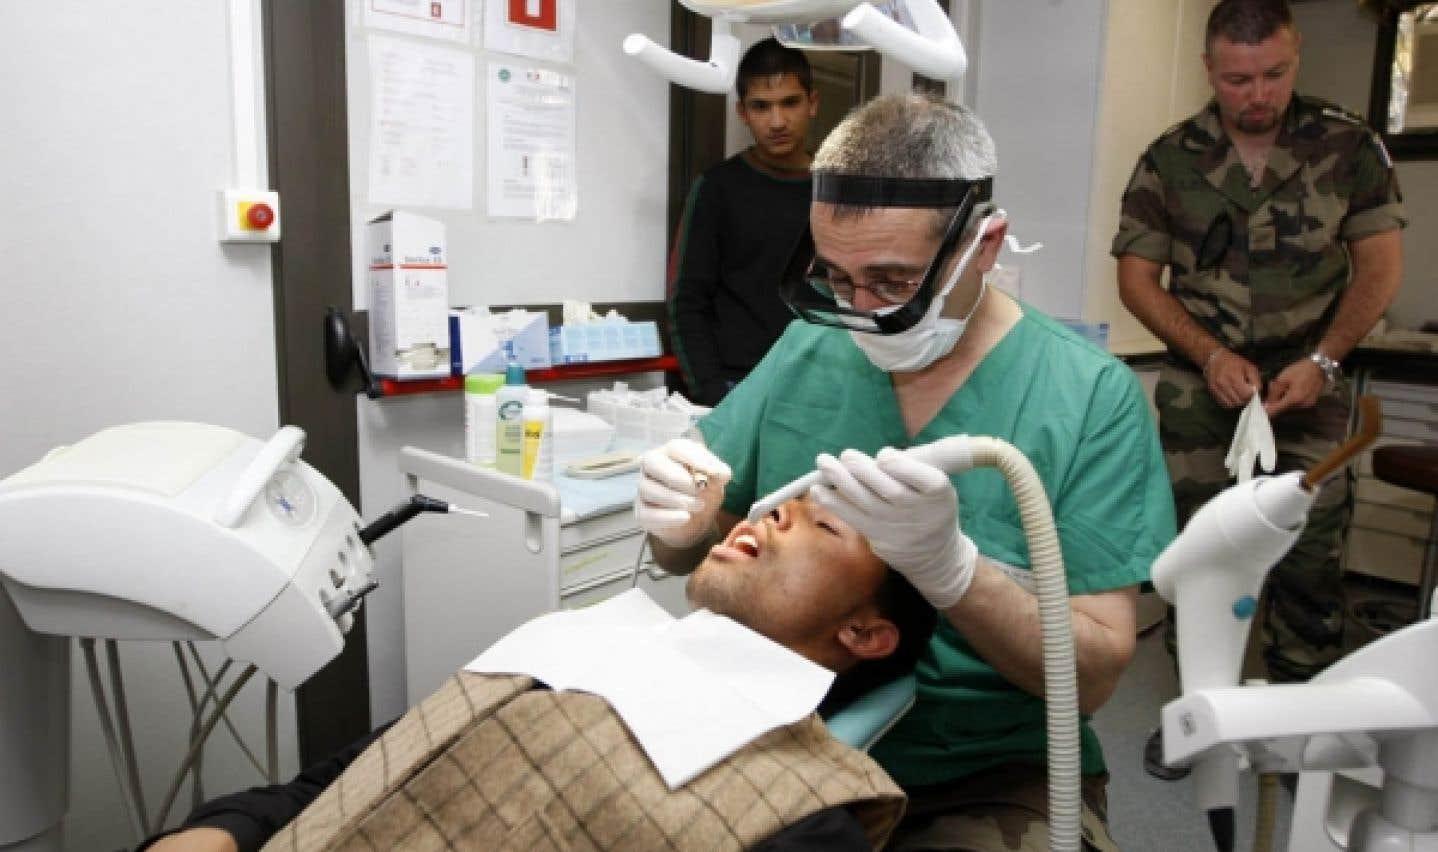 Un luxe, les soins dentaires?